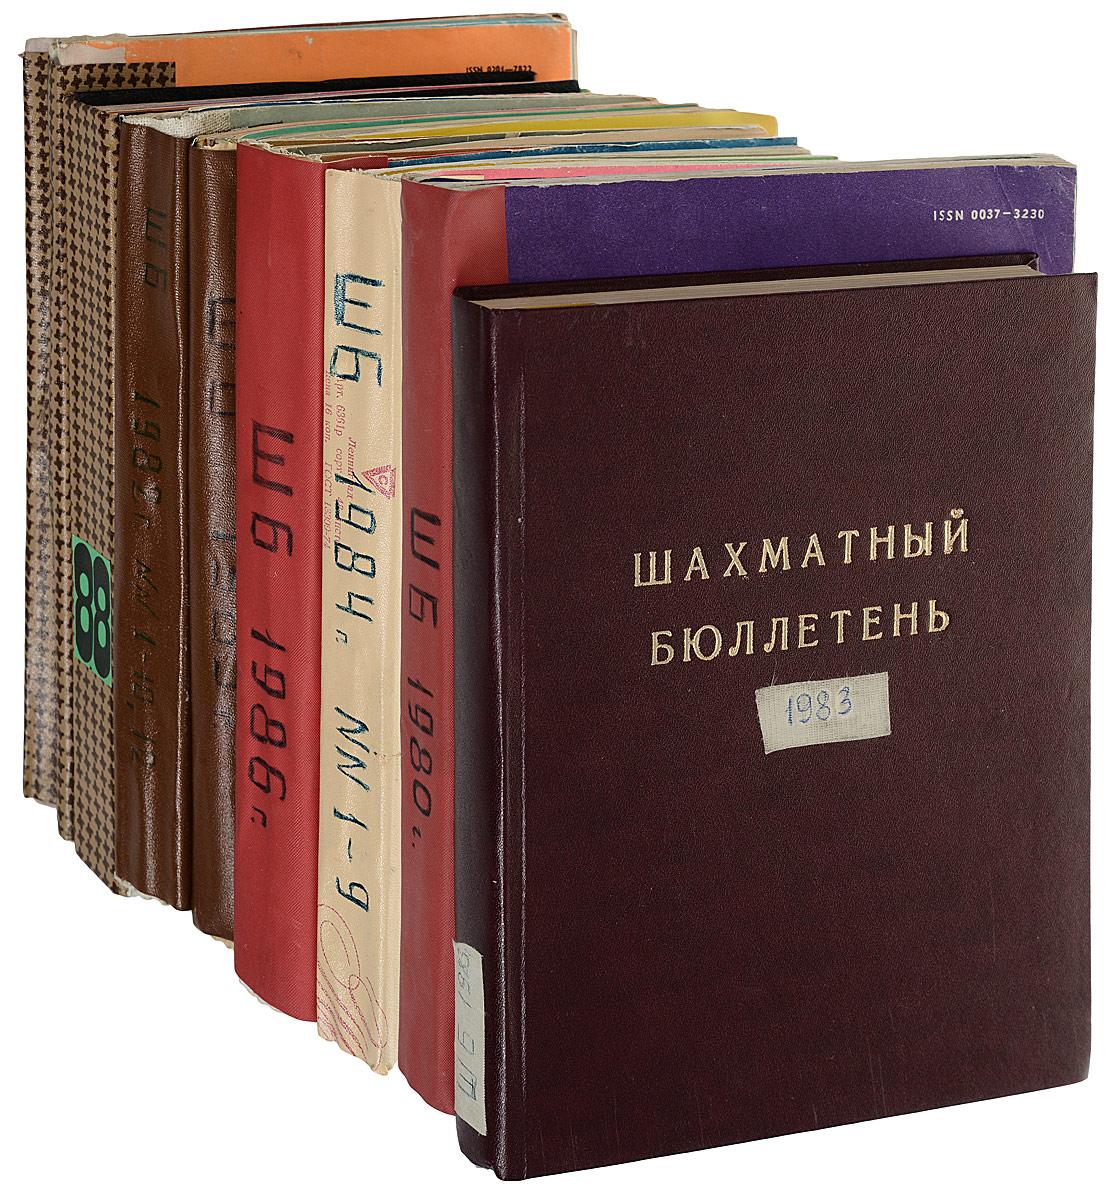 Подшивка журнала Шахматный бюллетень(комплект из 9 конволют) наука и техника 26 52 конволют